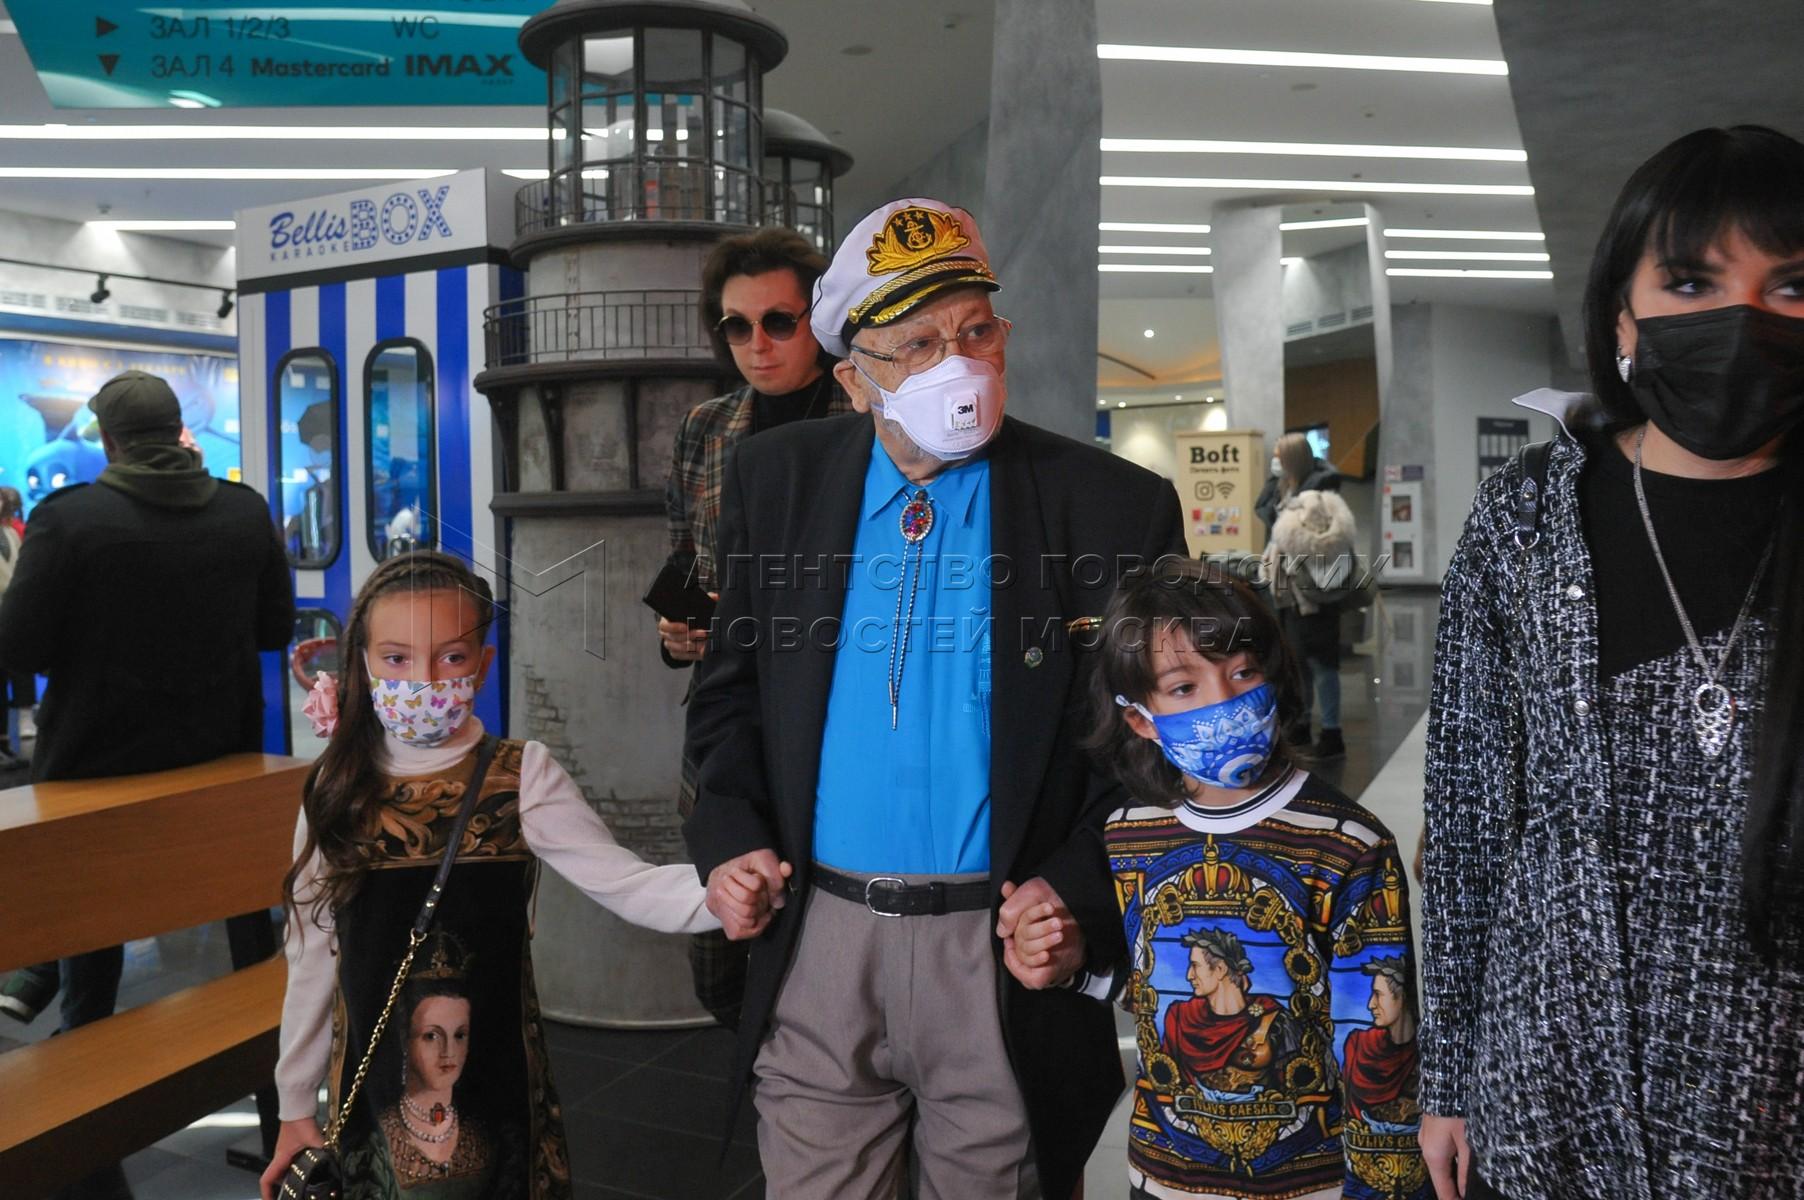 Певец Бедрос Киркоров с внуками Аллой-Викторией и Мартином-Кристо на премьере анимационного фильма «Полное погружение» в кинотеатре «Формула Кино на Кутузовском».